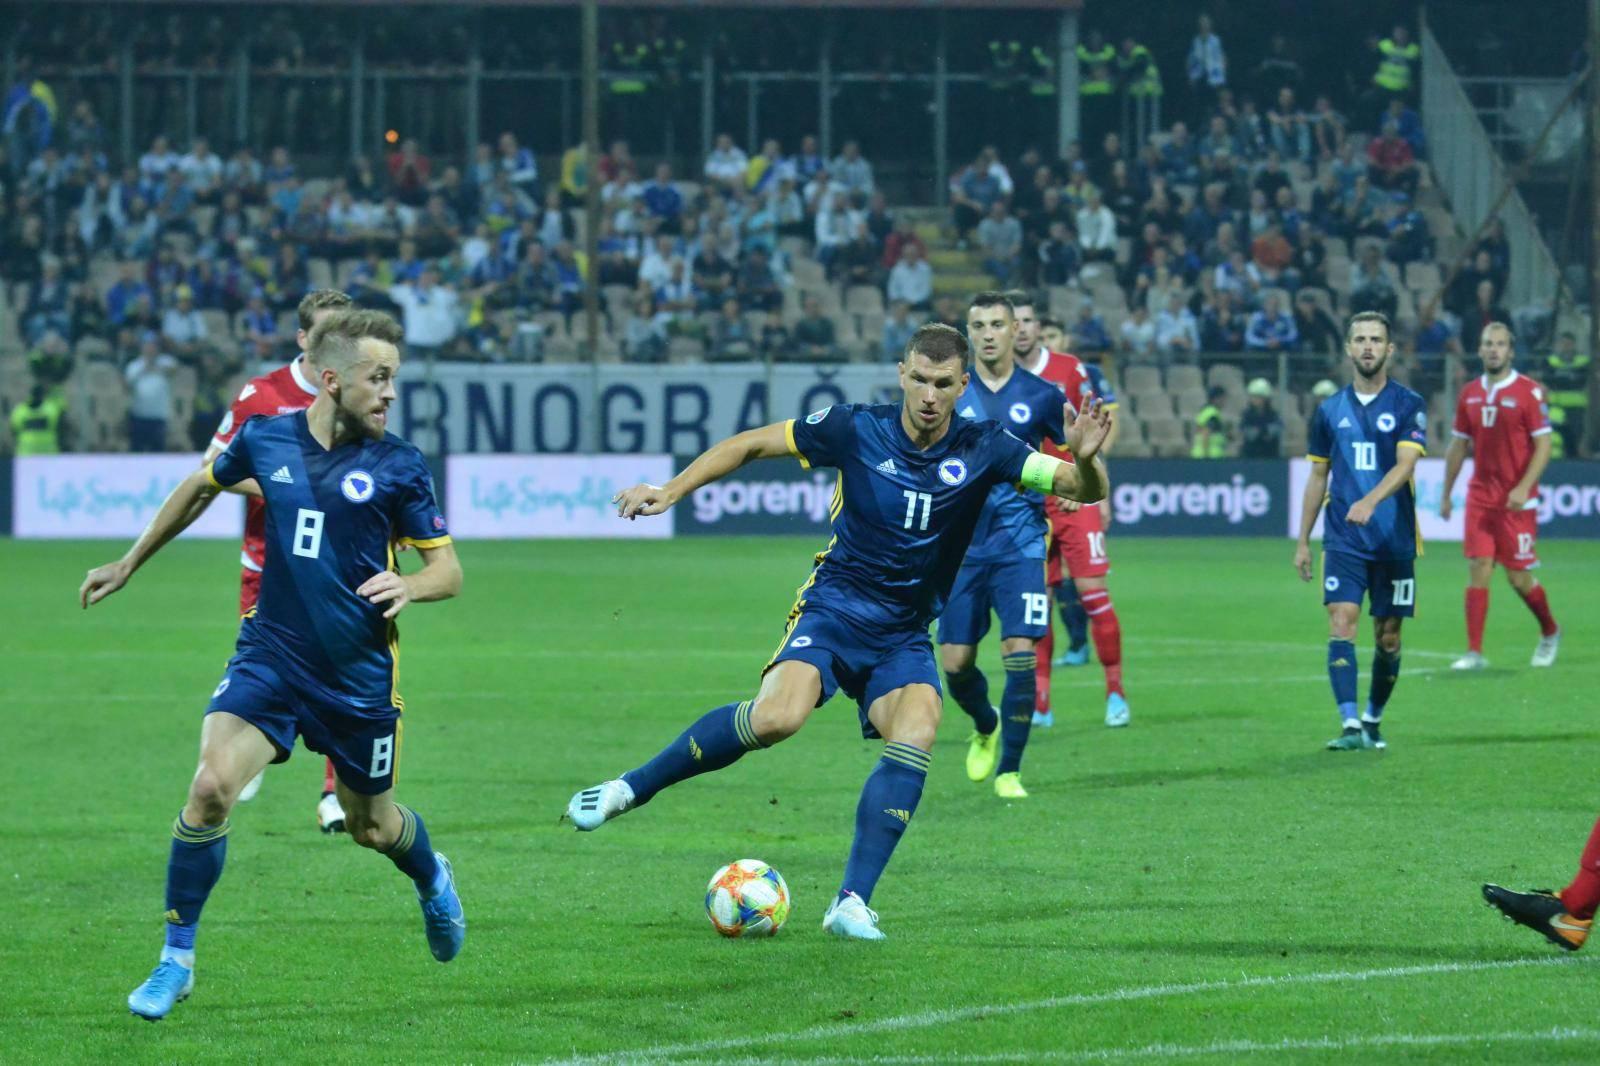 05.09.2019., stadion Bilino Polje, Zenica, Bosna i Hercegovina -